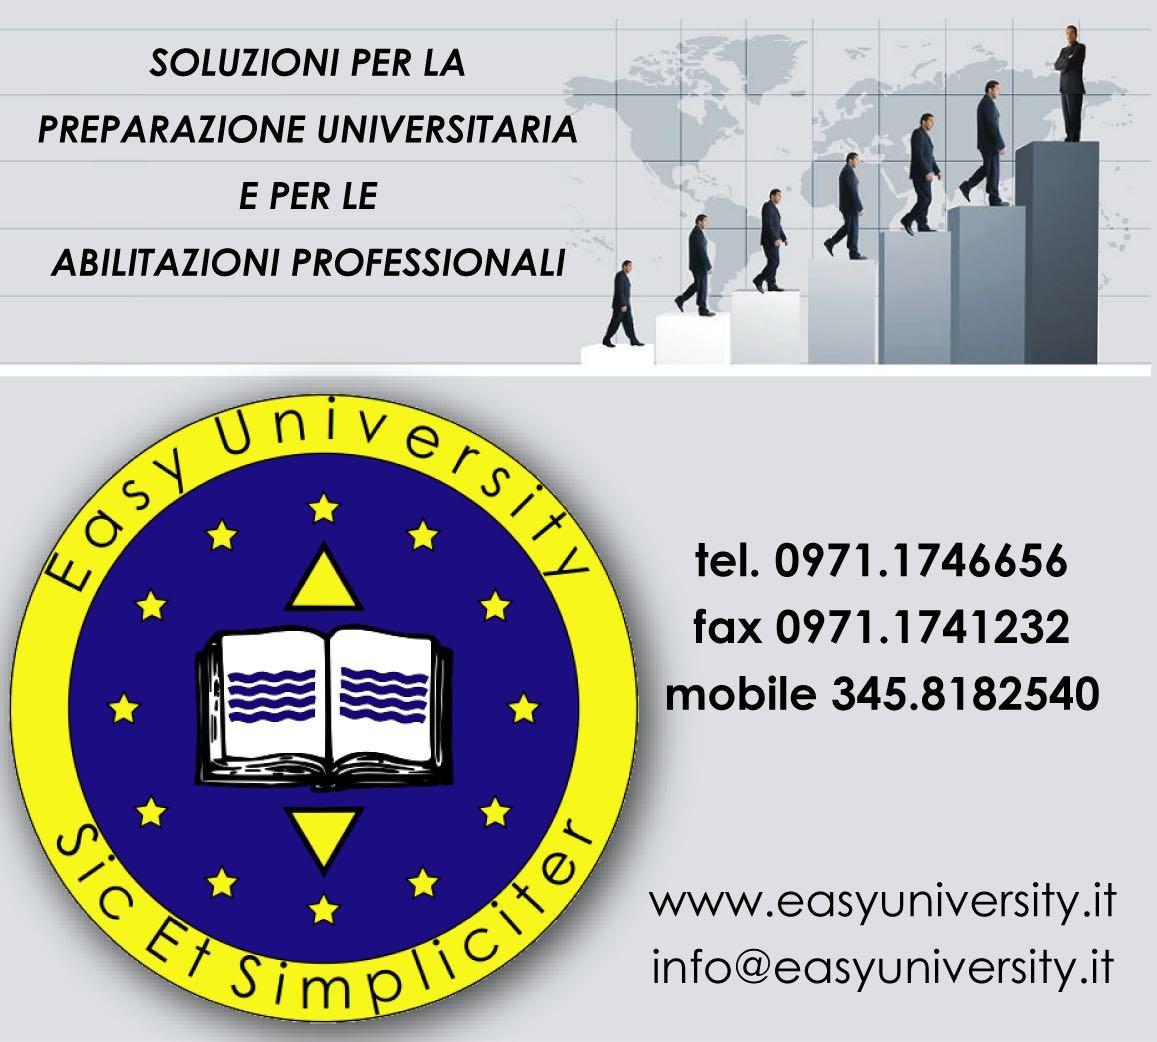 Istituto Easy University